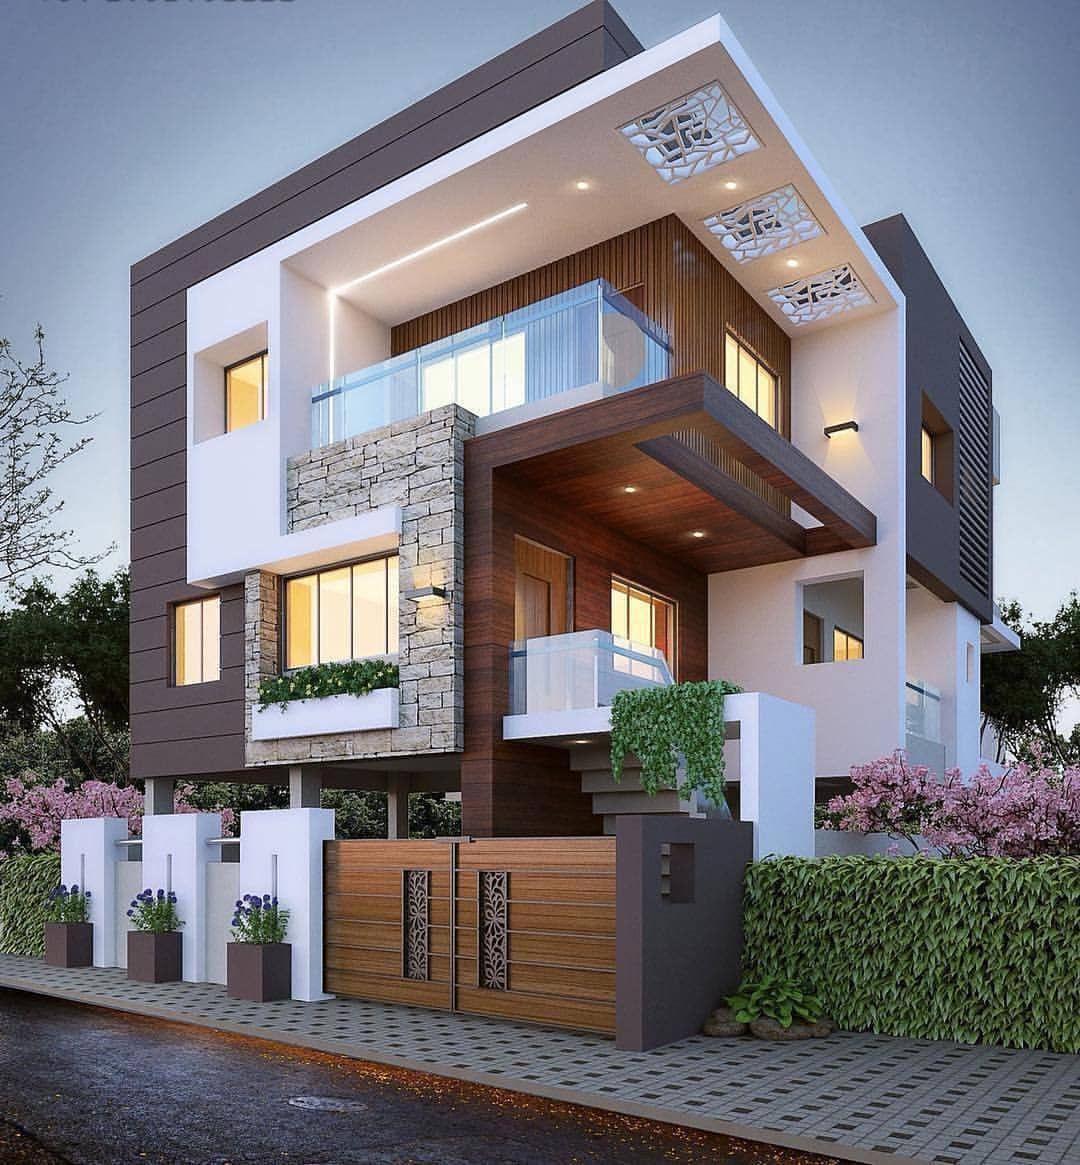 Que Casa Mais Maravilhosa, Essa Fachada Com Mistura De